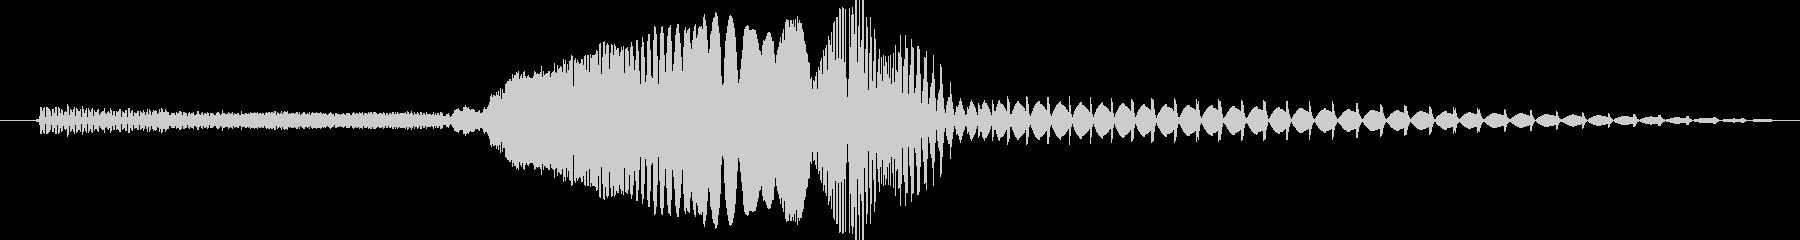 迫って来て何かを消すような音です。の未再生の波形